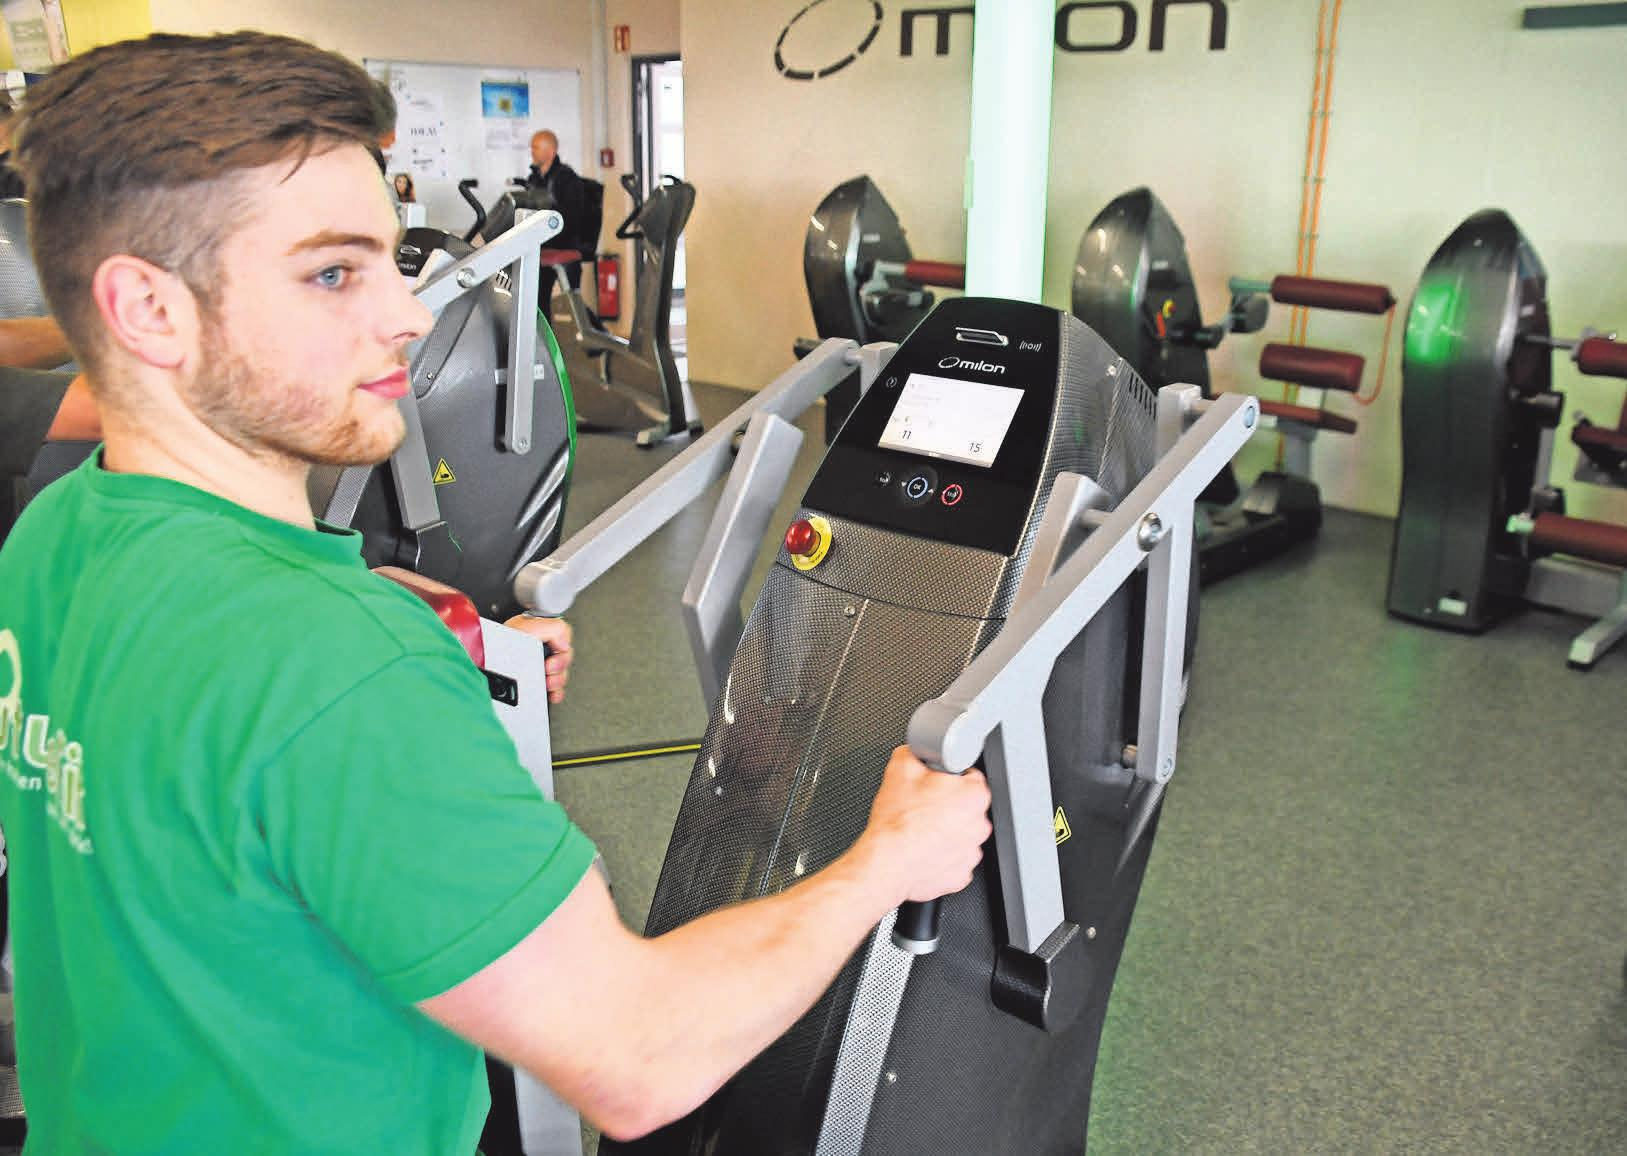 Sascha John trainiert im Milon-Zirkel, um seine Rückenmuskulatur zu stärken.